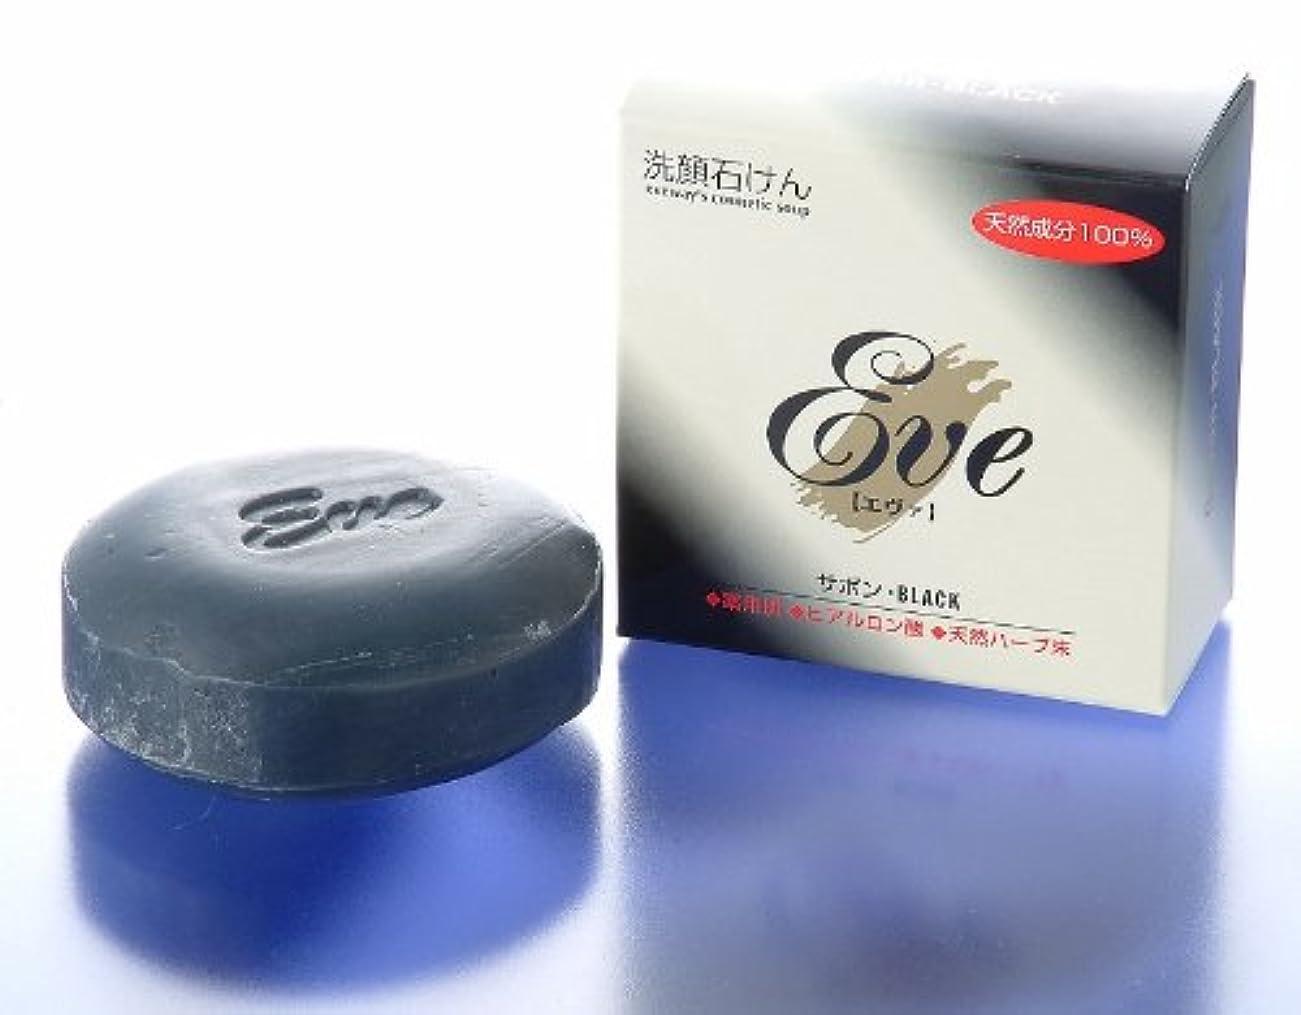 懐排除犯罪洗顔 化粧石鹸 サボンブラック クレンジングの要らない石鹸です。